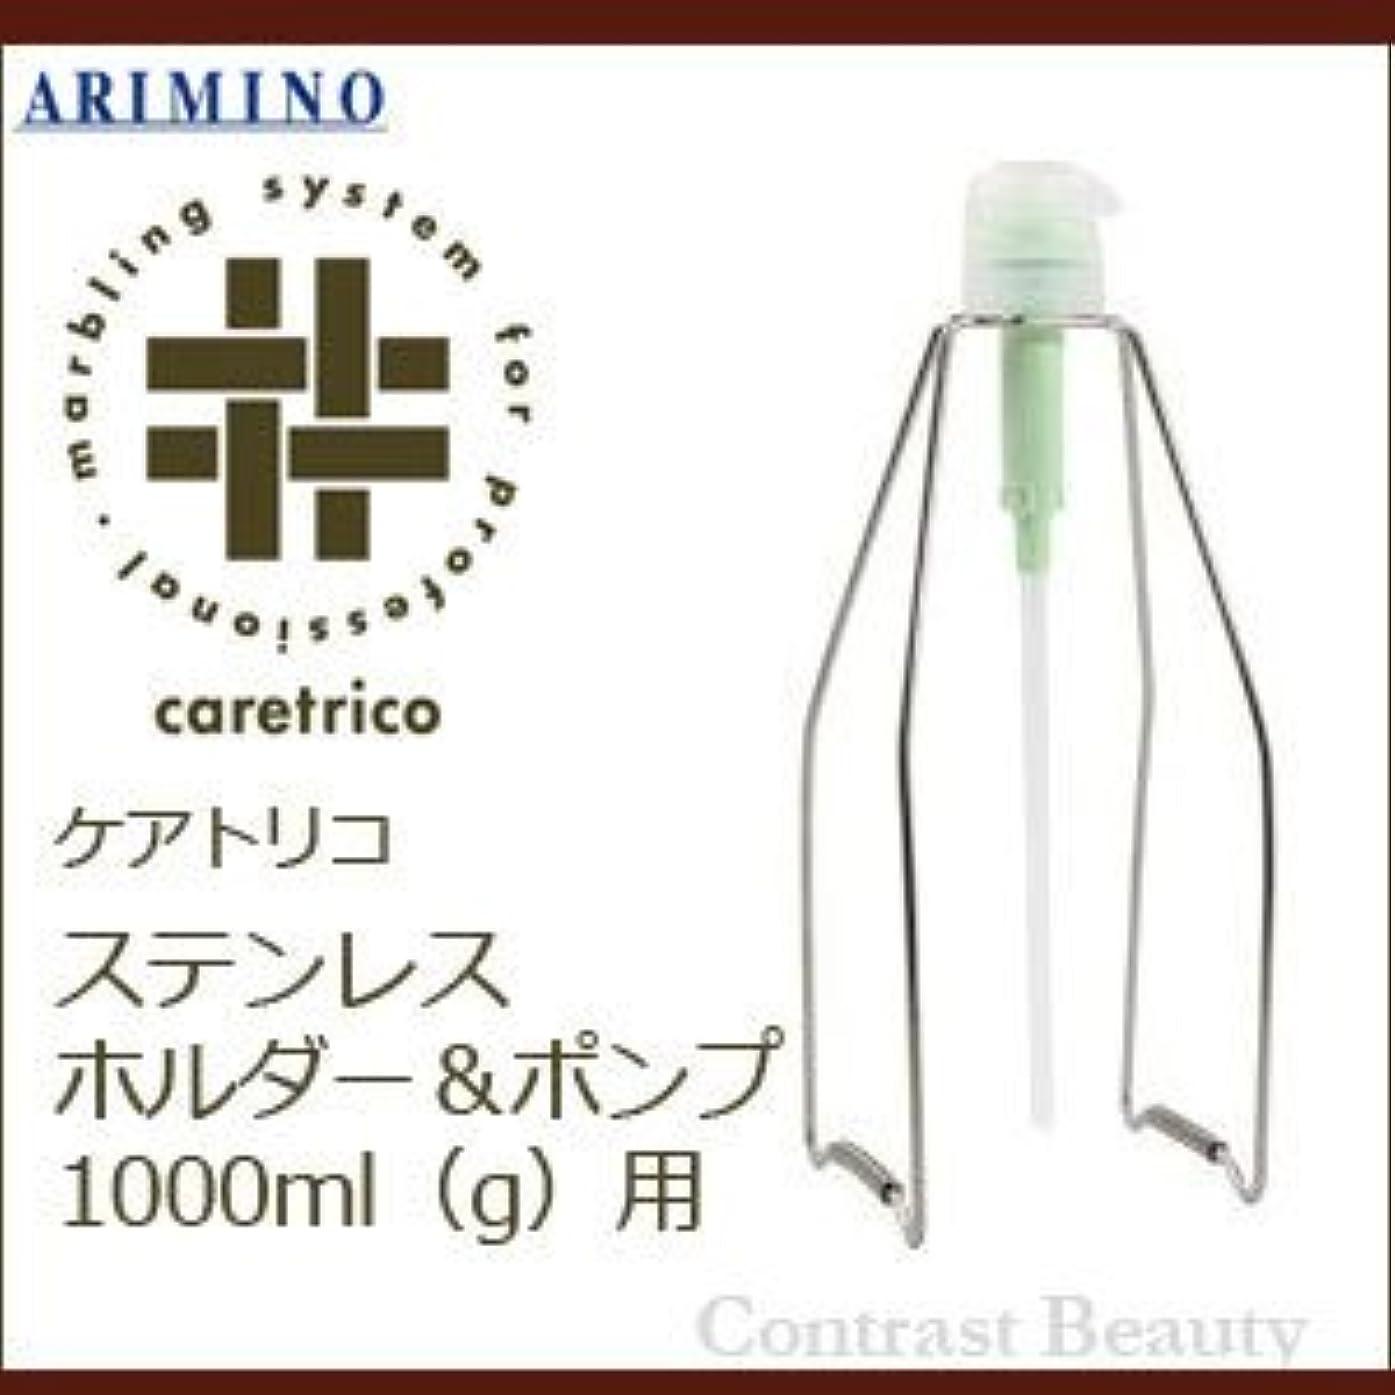 酸化物フィッティング画家アリミノ ケアトリコ 1000ml(g)用 ステンレス ホルダー&ポンプ